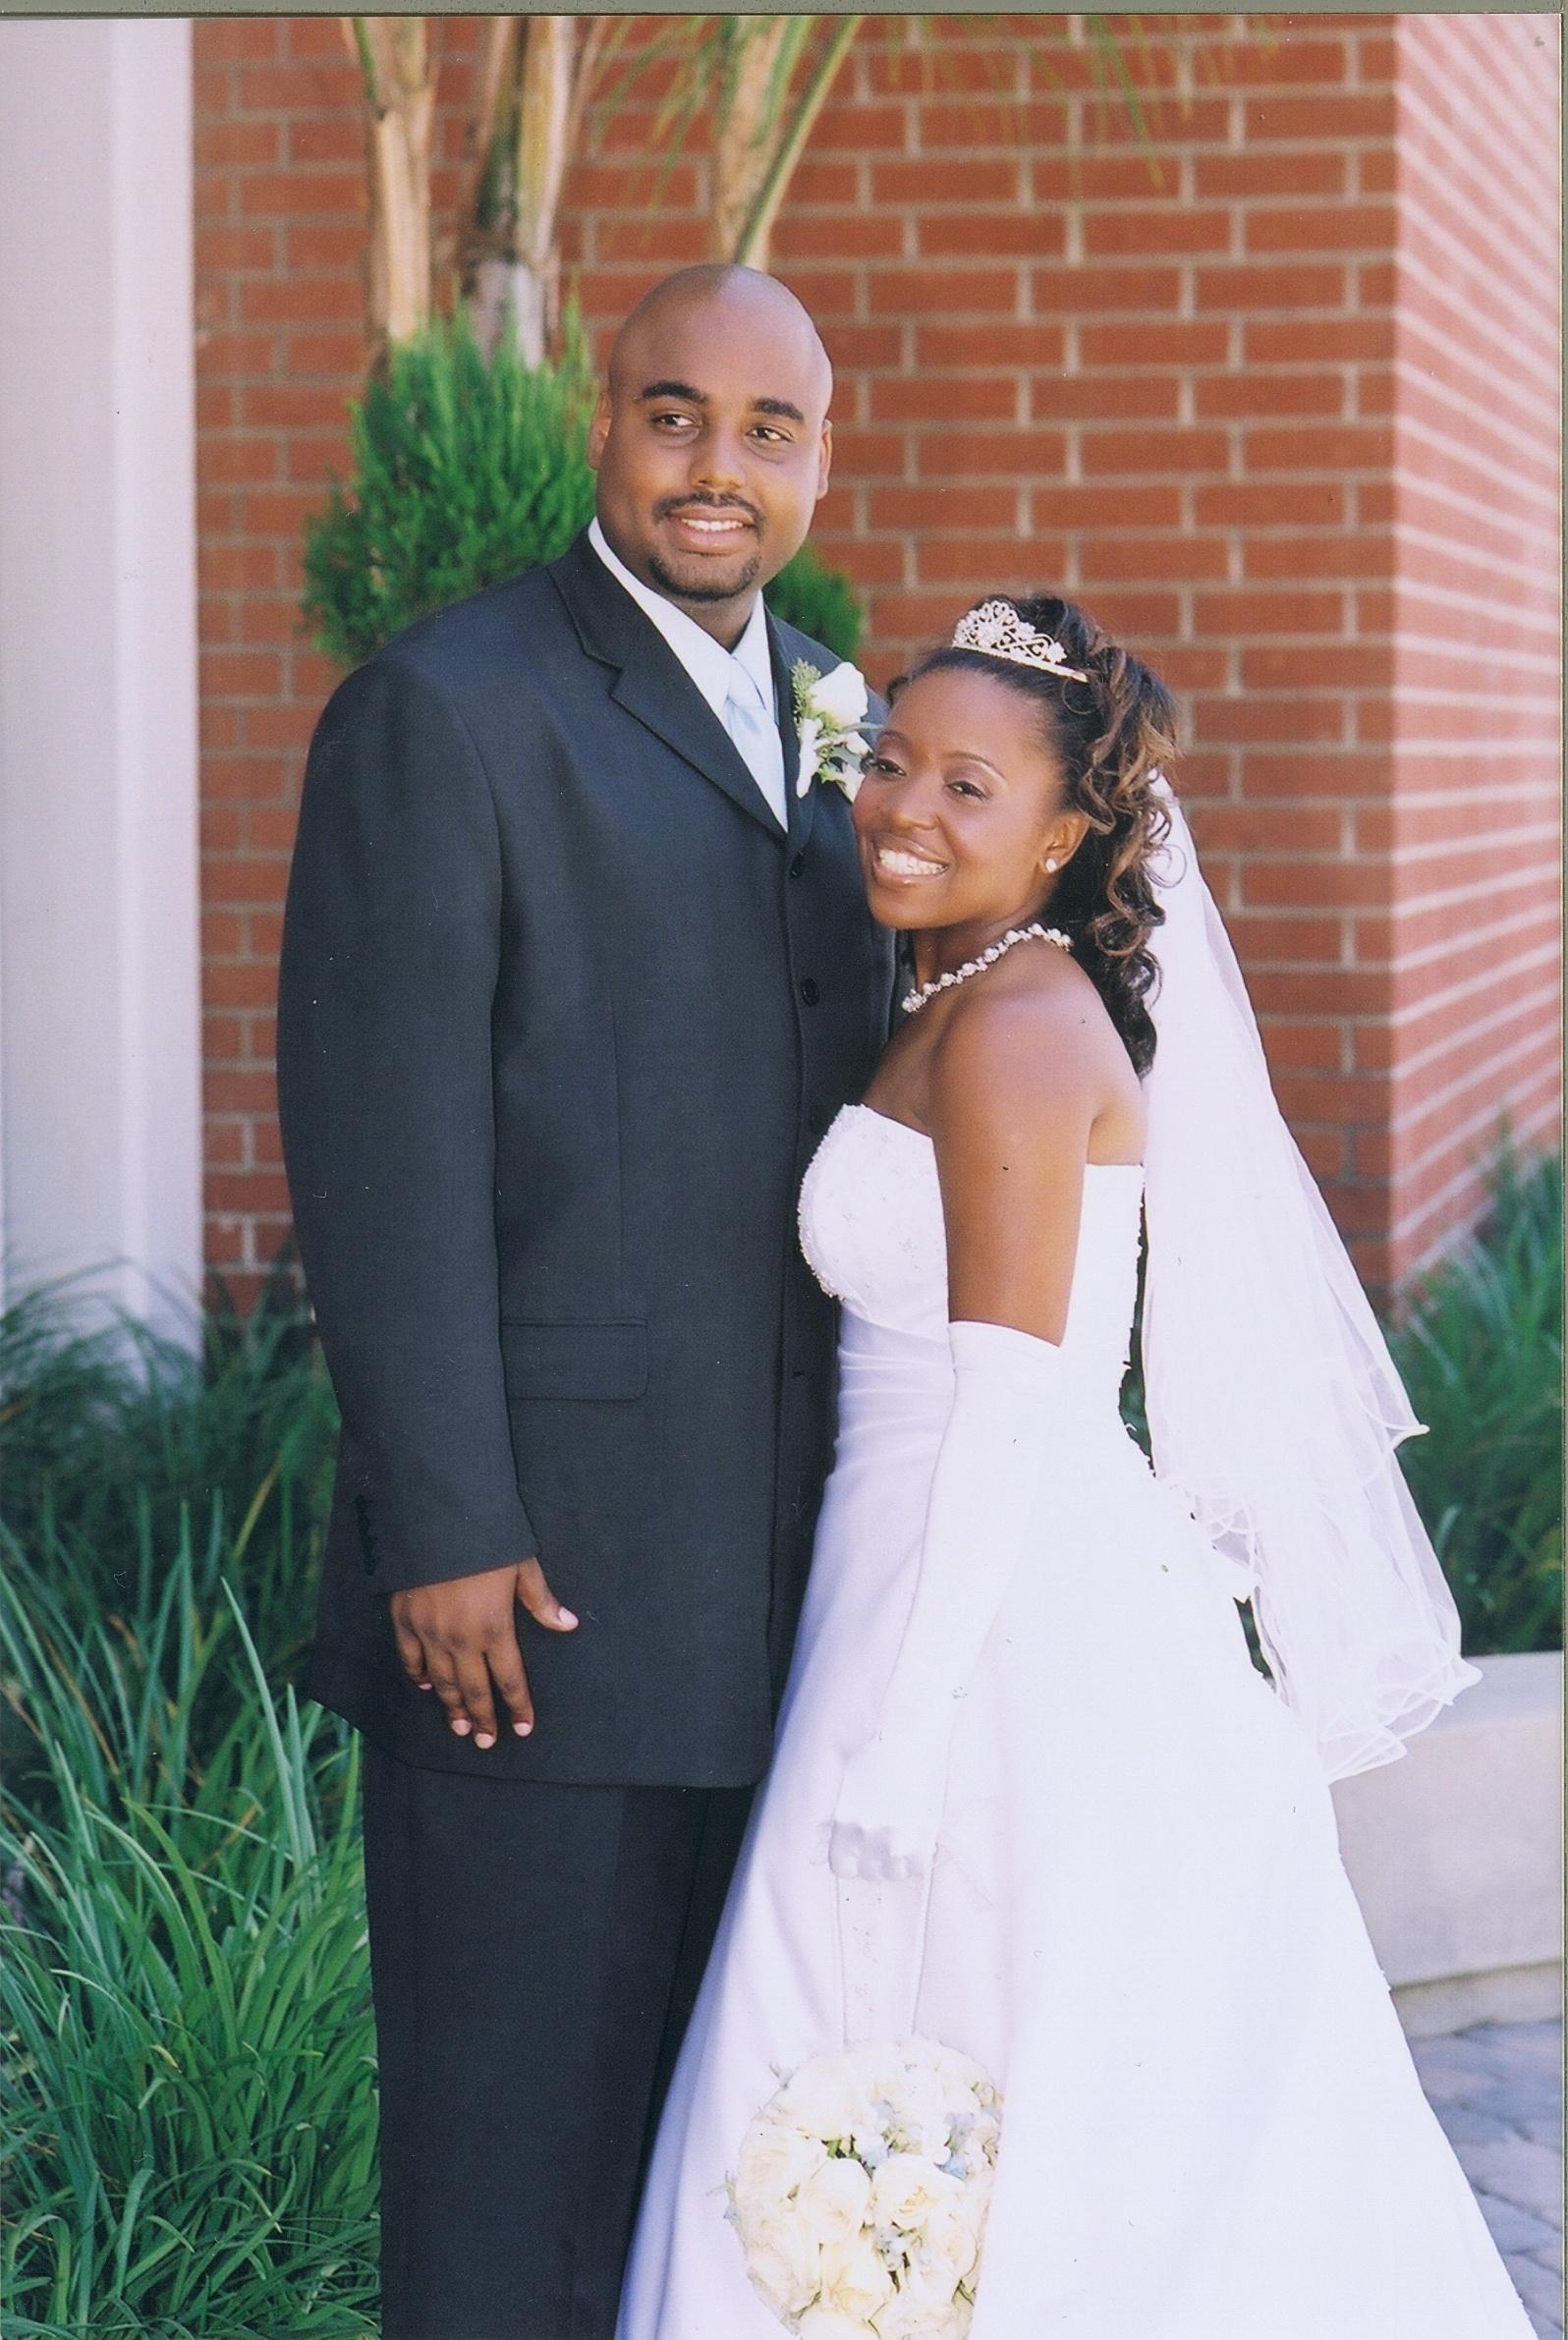 McGlothin wedding August 16, 2003